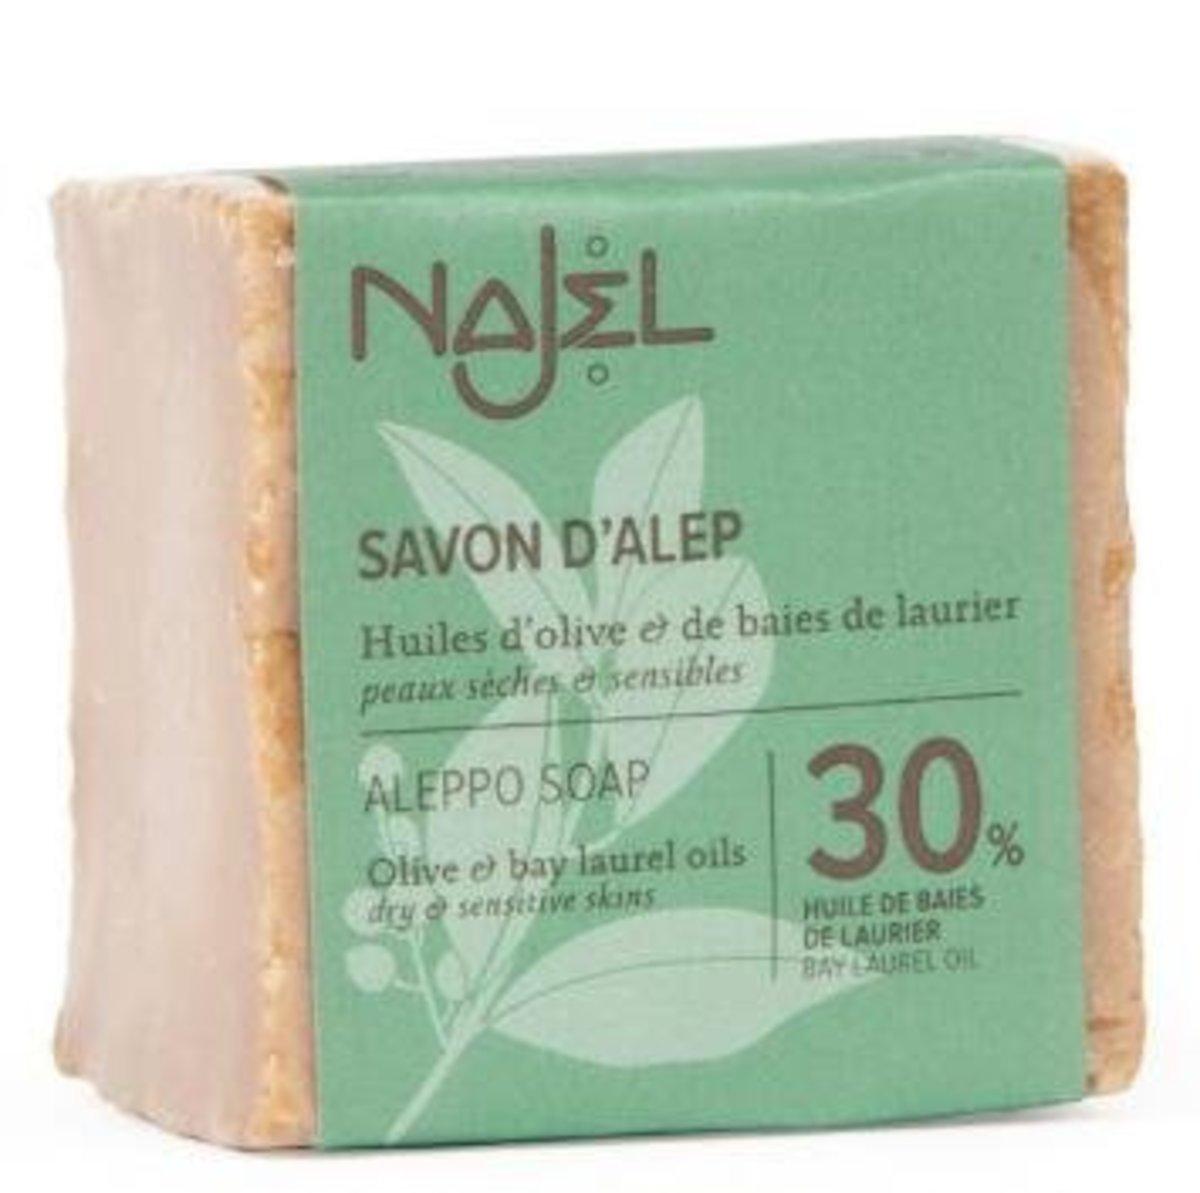 30% Aleppo Soap (200g)